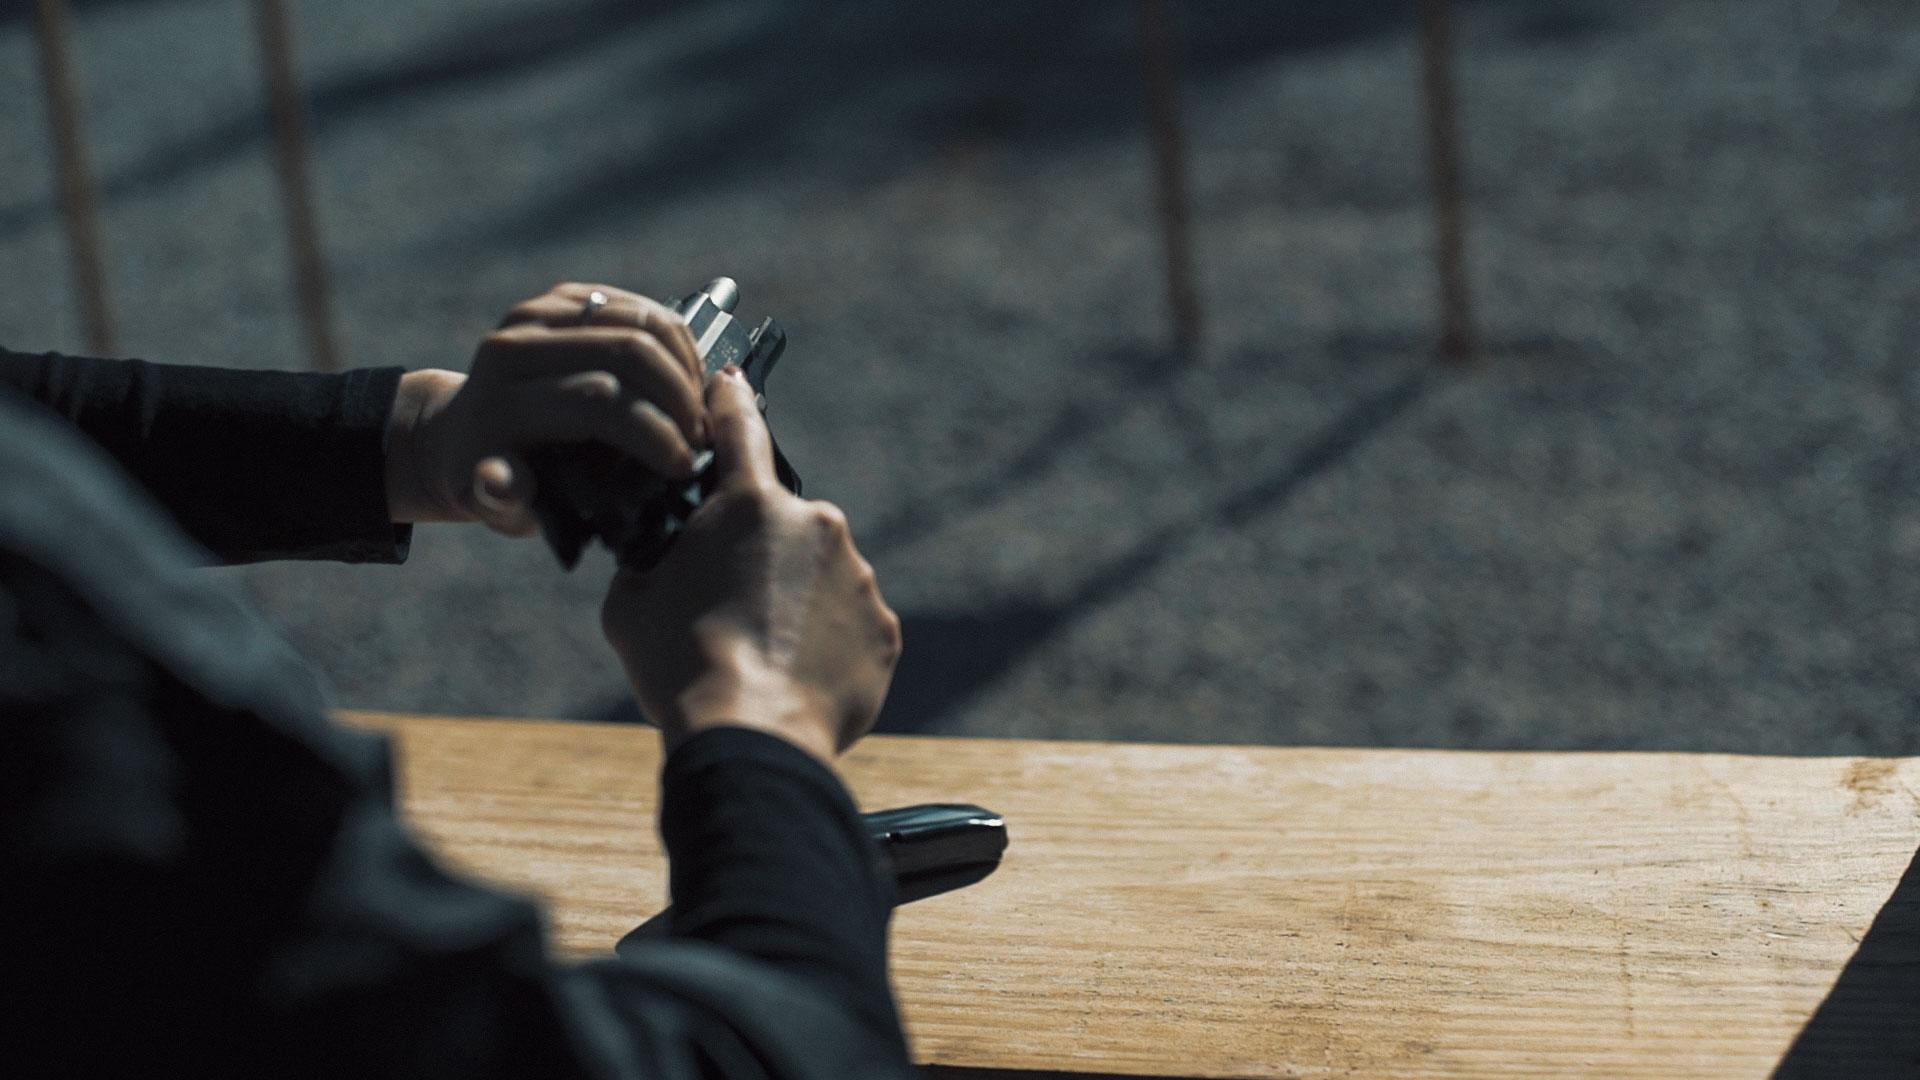 Tiro com Pistola – Nível 3 (Avançado)